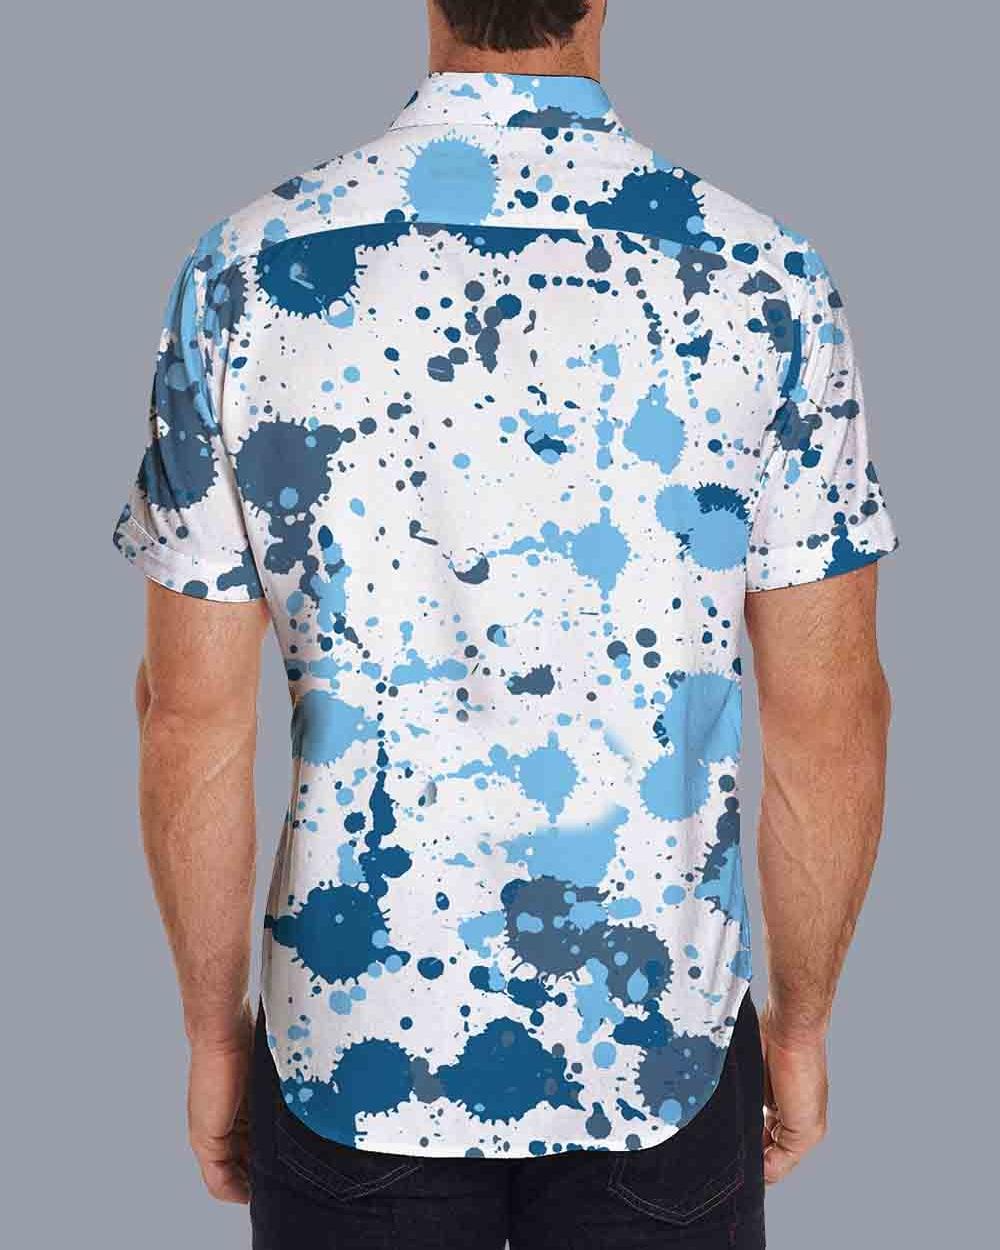 juctionstore|ravirajoria/mensshirt/white/back